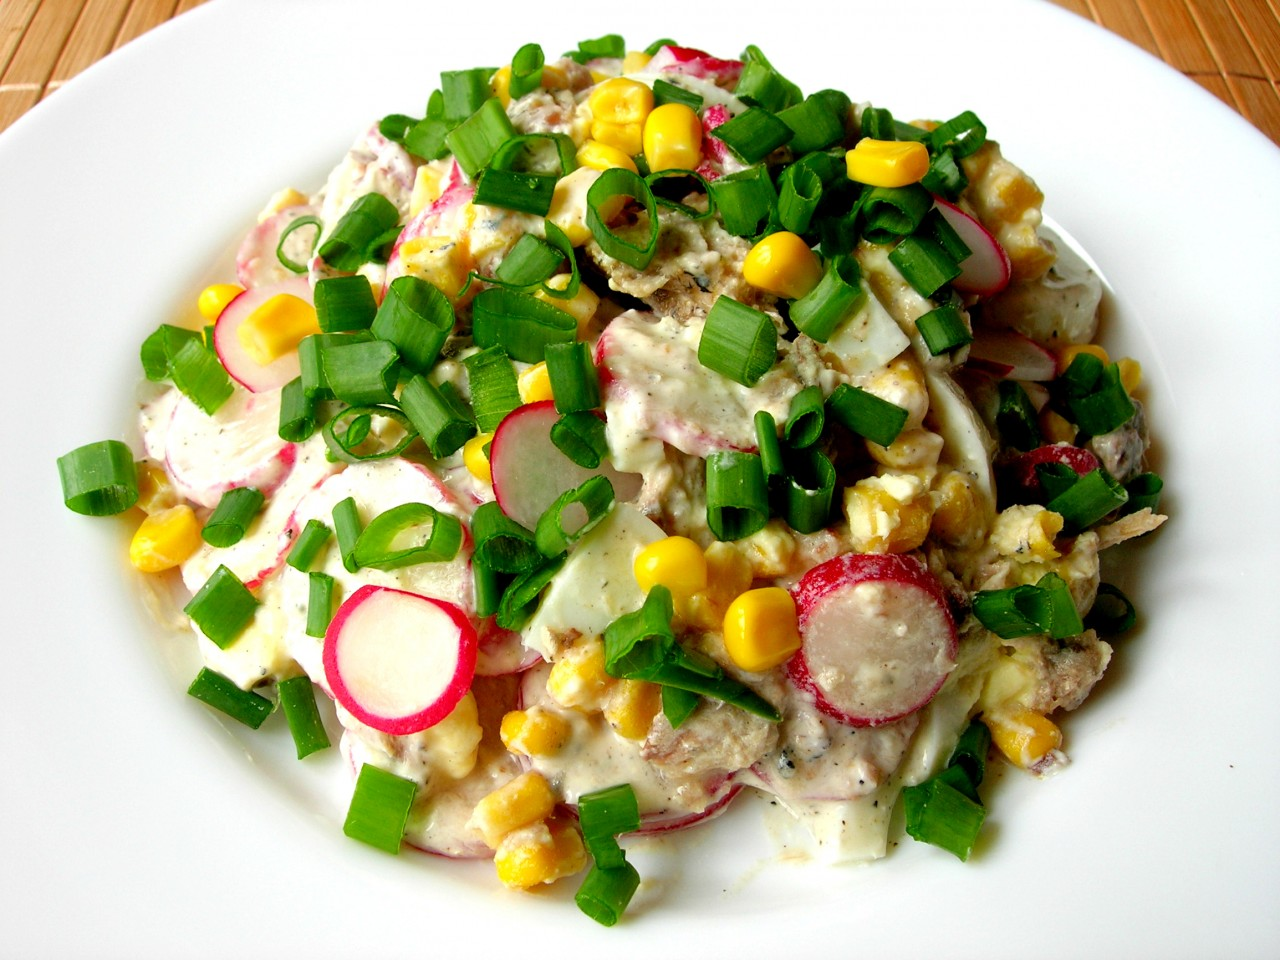 Салат без майонеза «ВЕСЕННЕЕ НАСТРОЕНИЕ». Яркий и Вкусный салатик за НЕСКОЛЬКО МИНУТ!